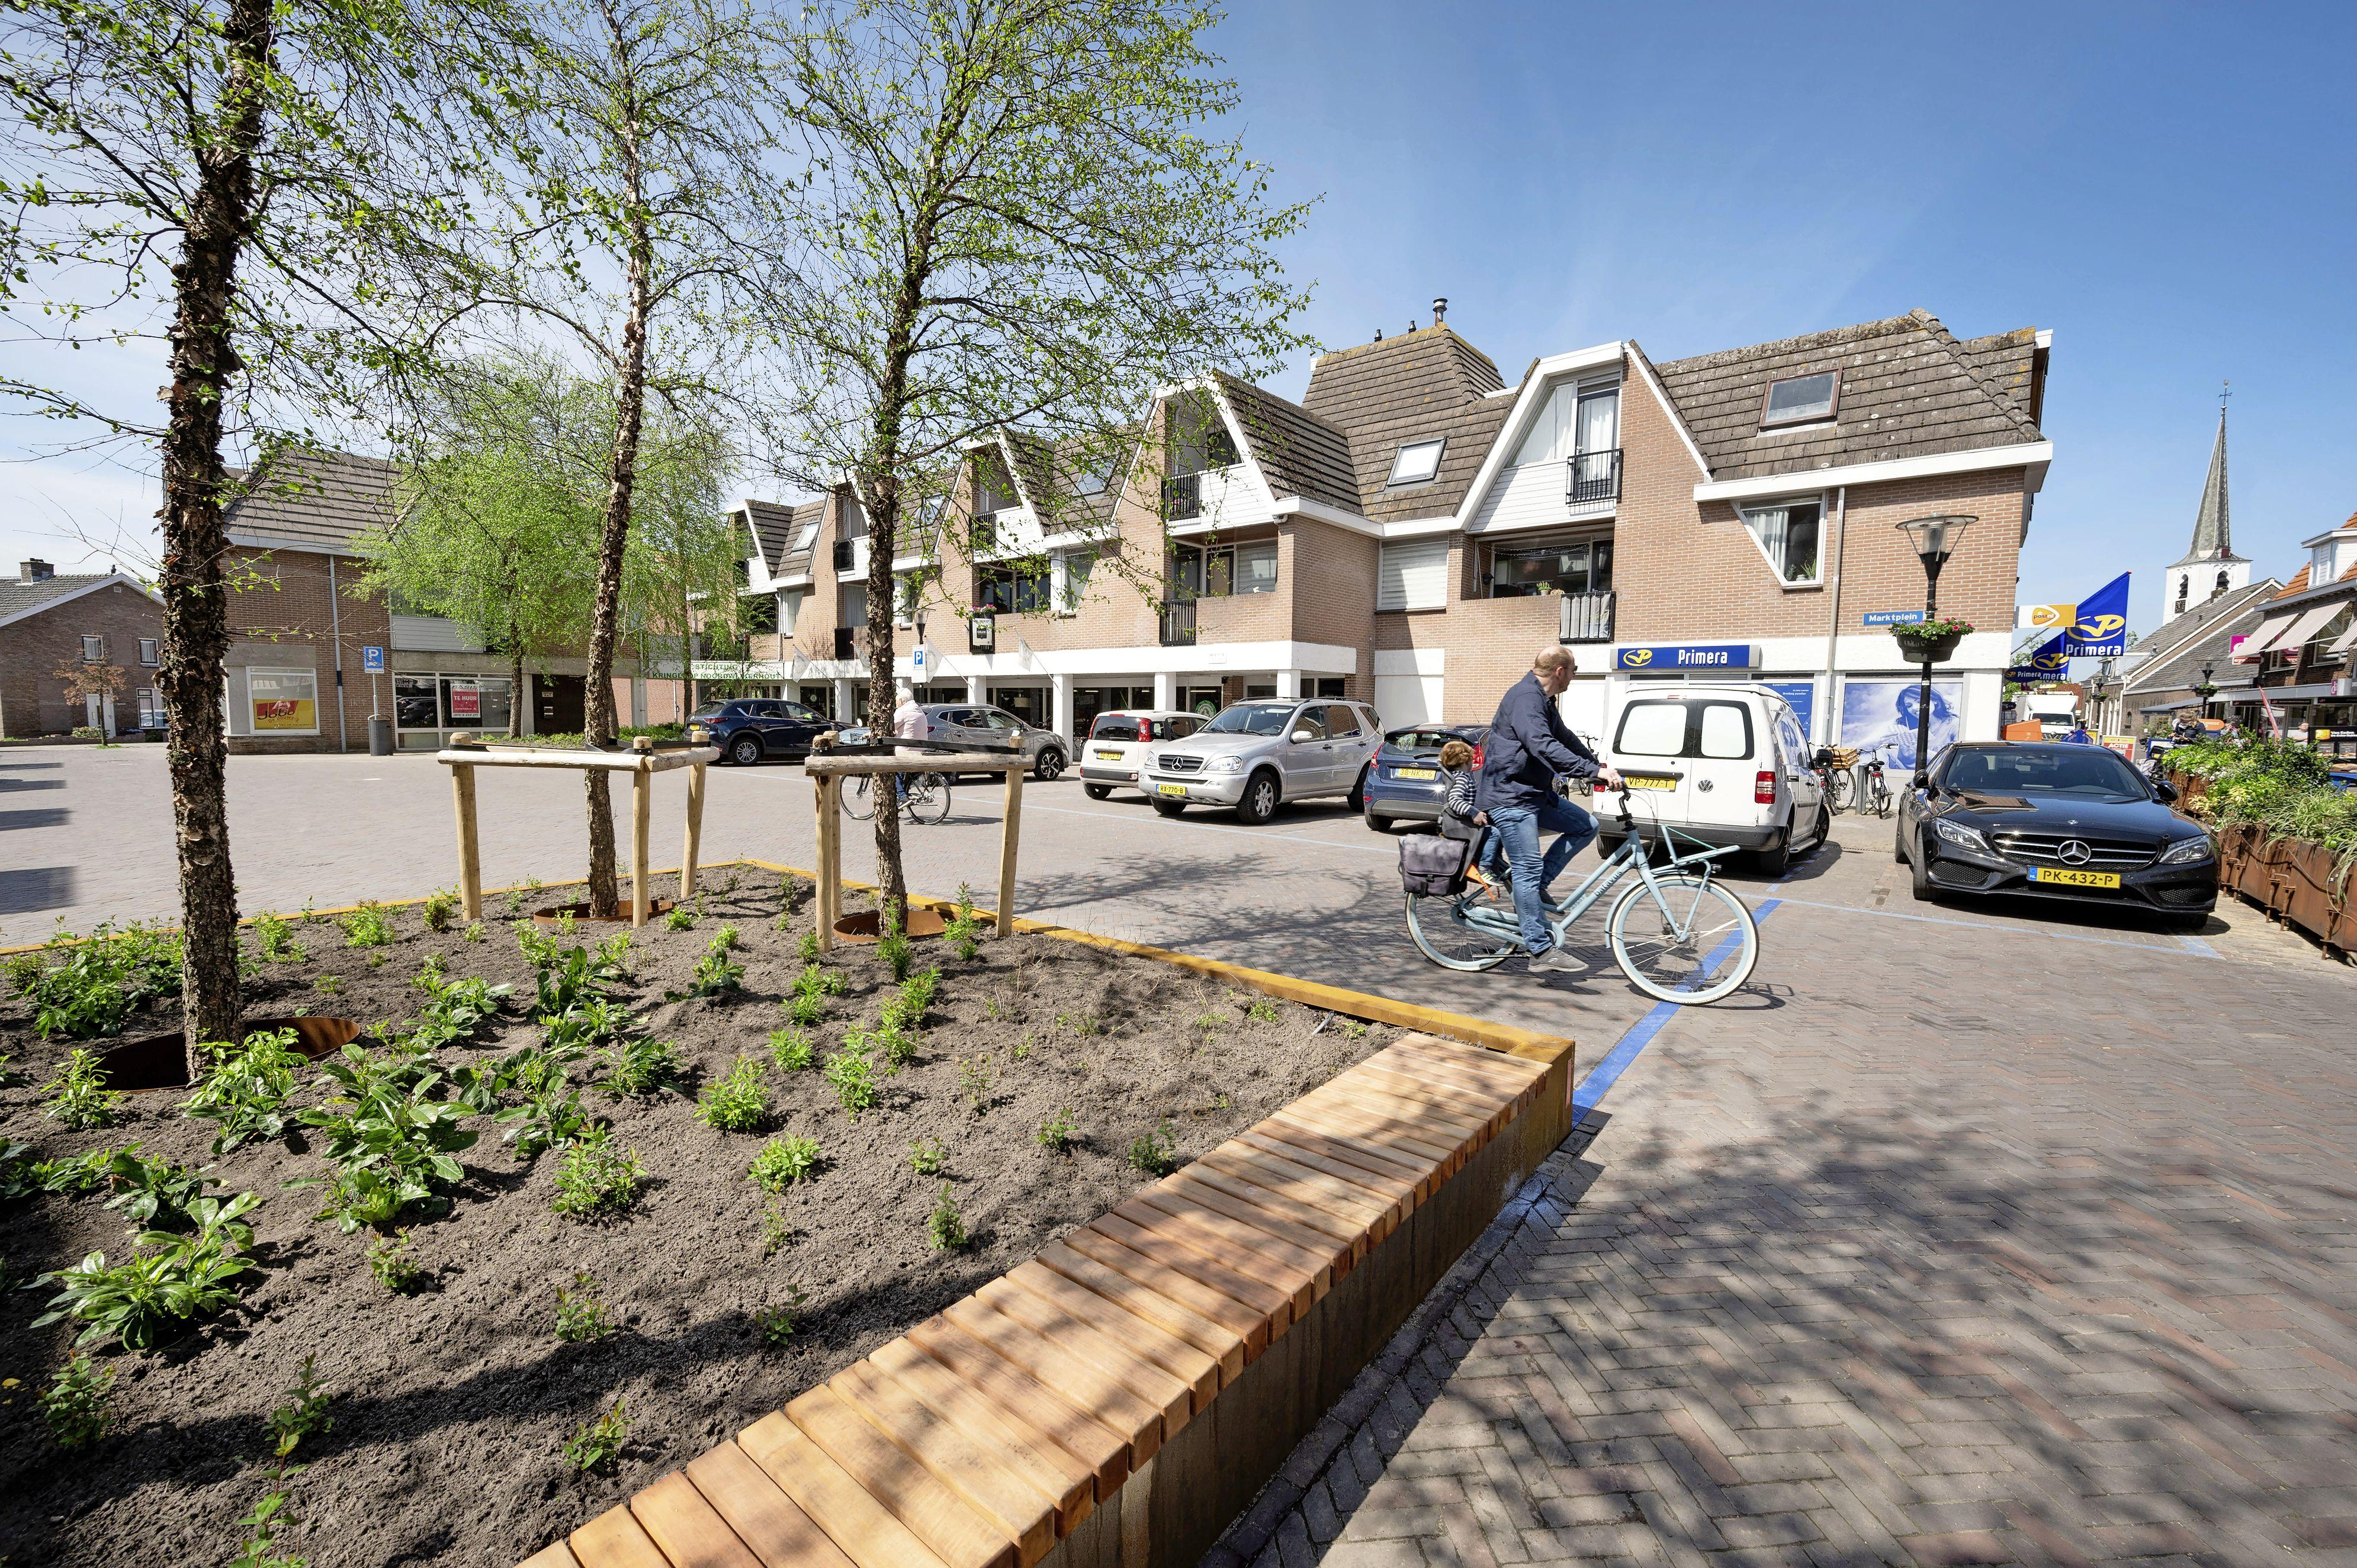 Marktplein groener gemaakt: opknapbeurt centrum Noordwijkerhout vordert gestaag